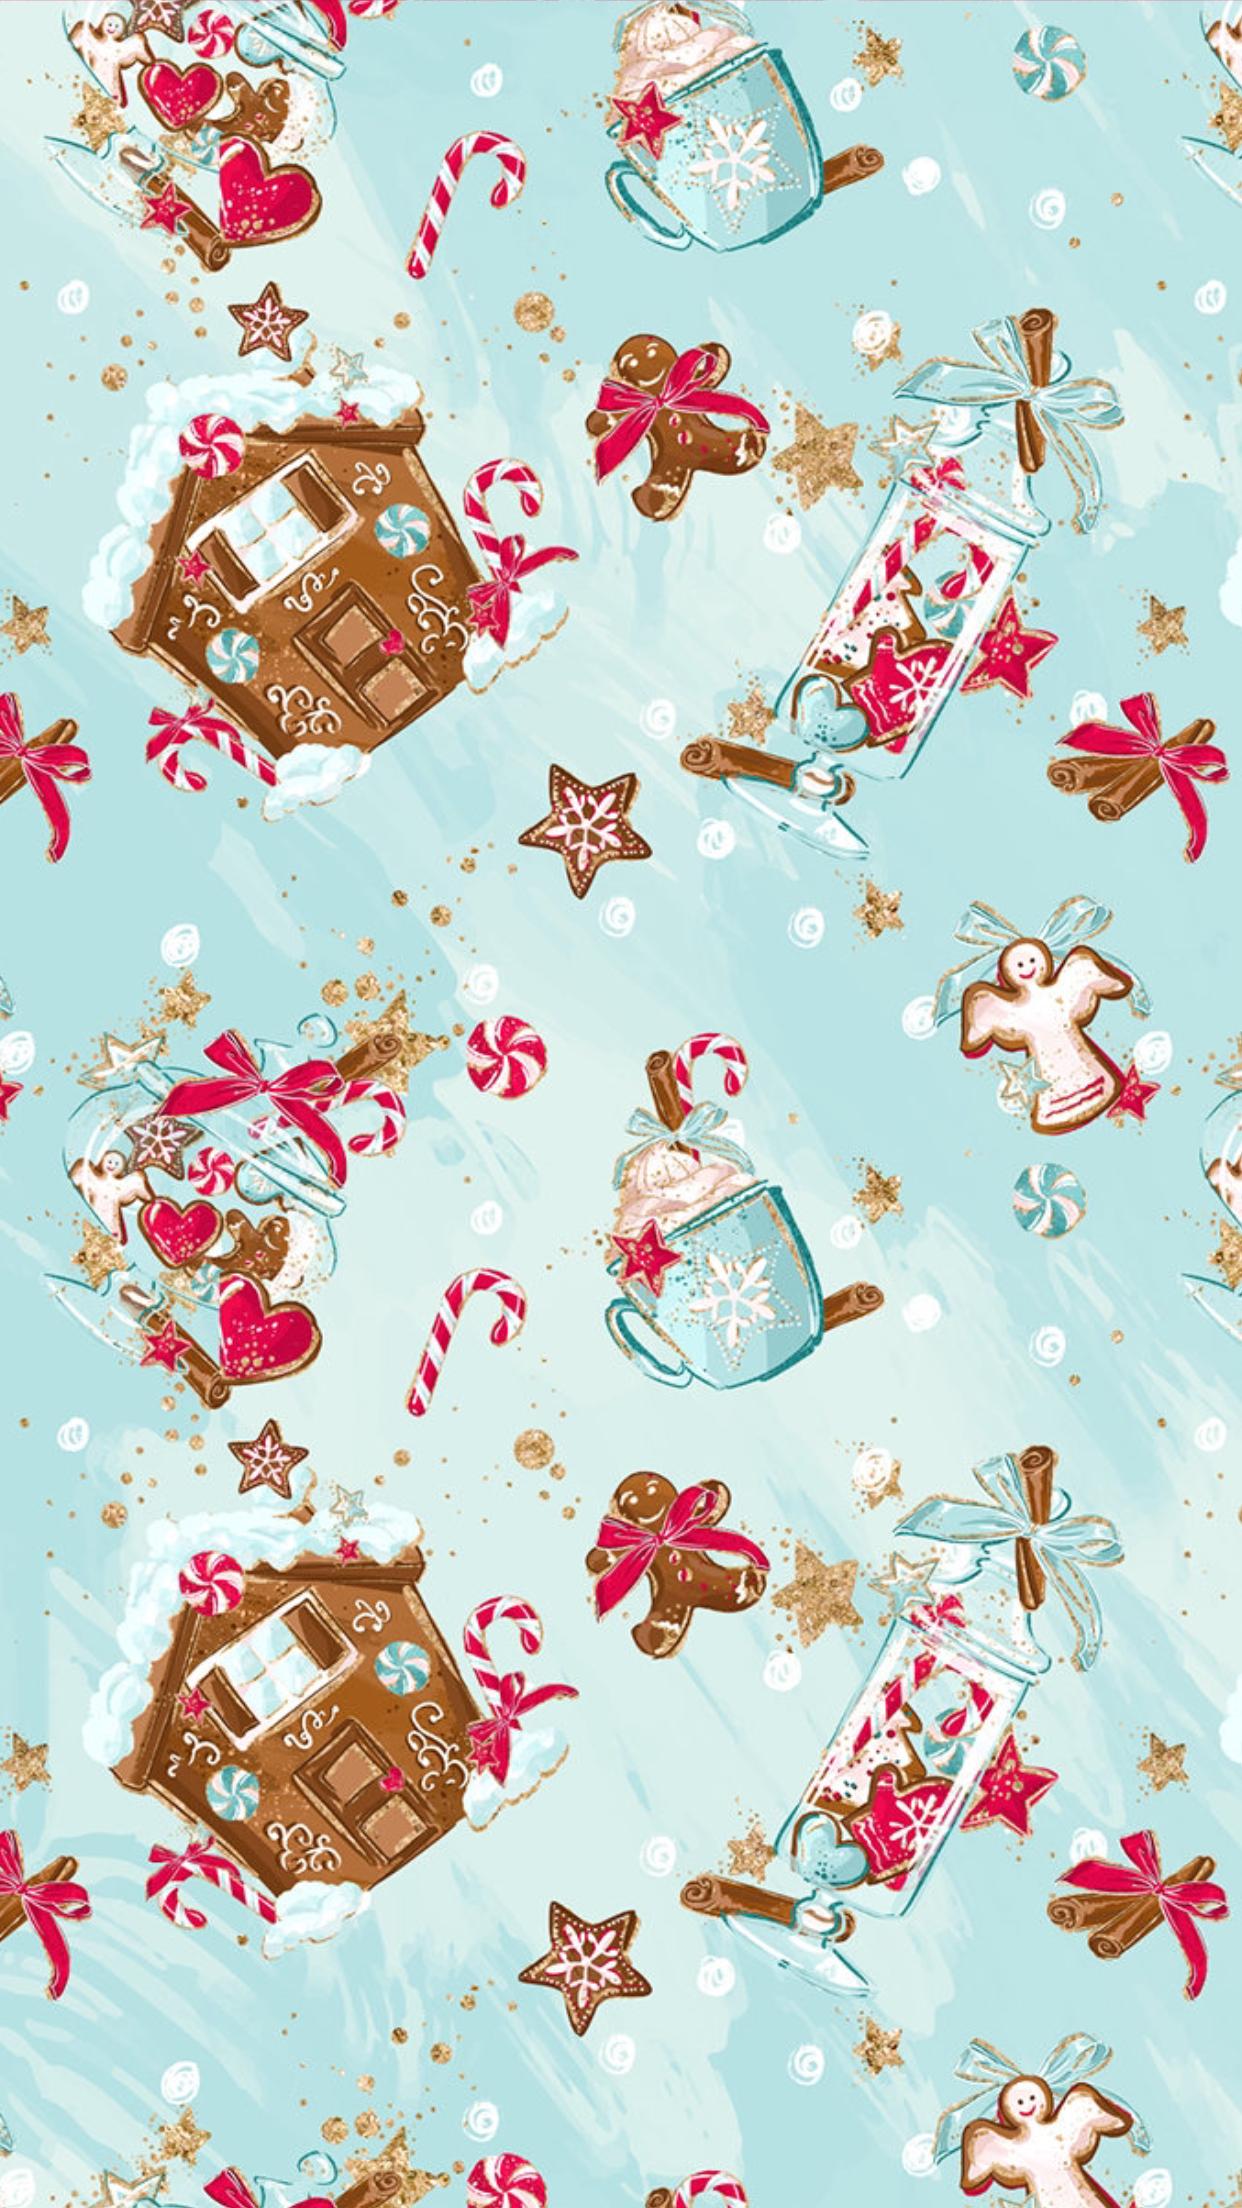 Novogodnij Fon Dlya Posta V Soc Setyah V Biryuzovom Cvete Christmas Phone Wallpaper Christmas Wallpaper Christmas Illustration